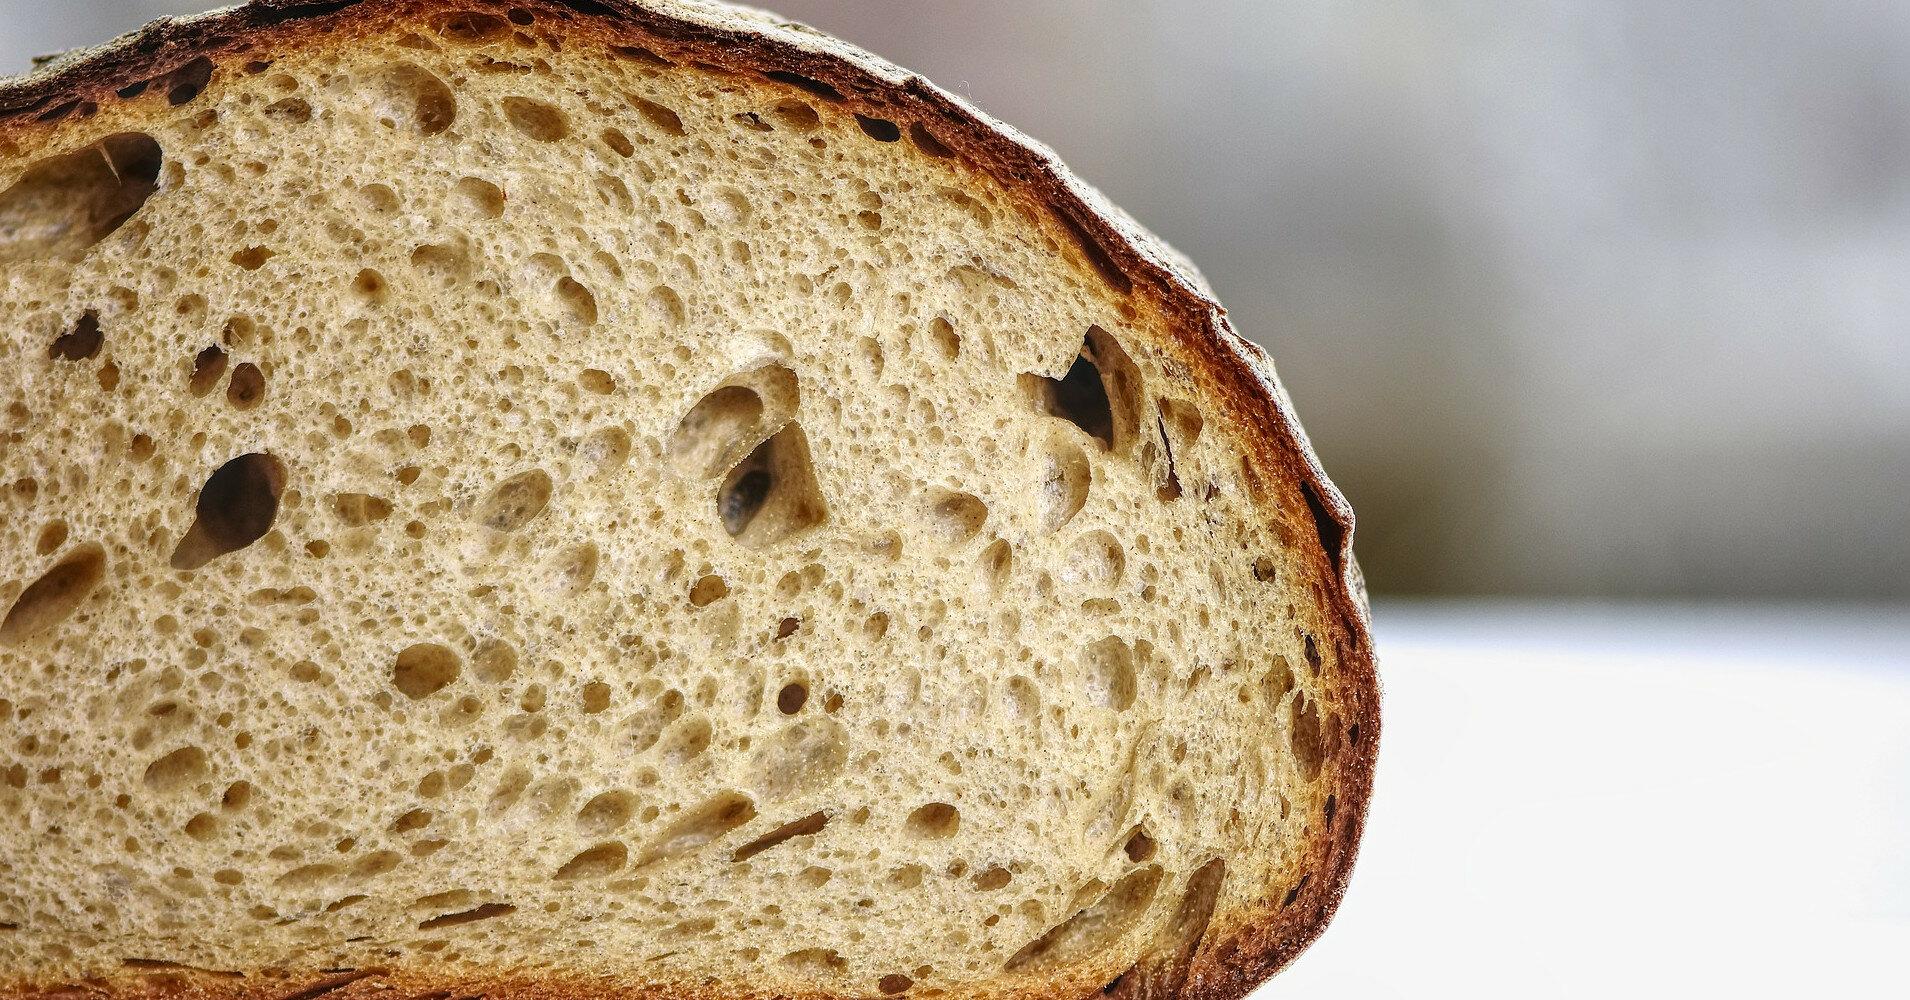 Пекари меняют рецептуру хлеба, чтобы сдерживать цены